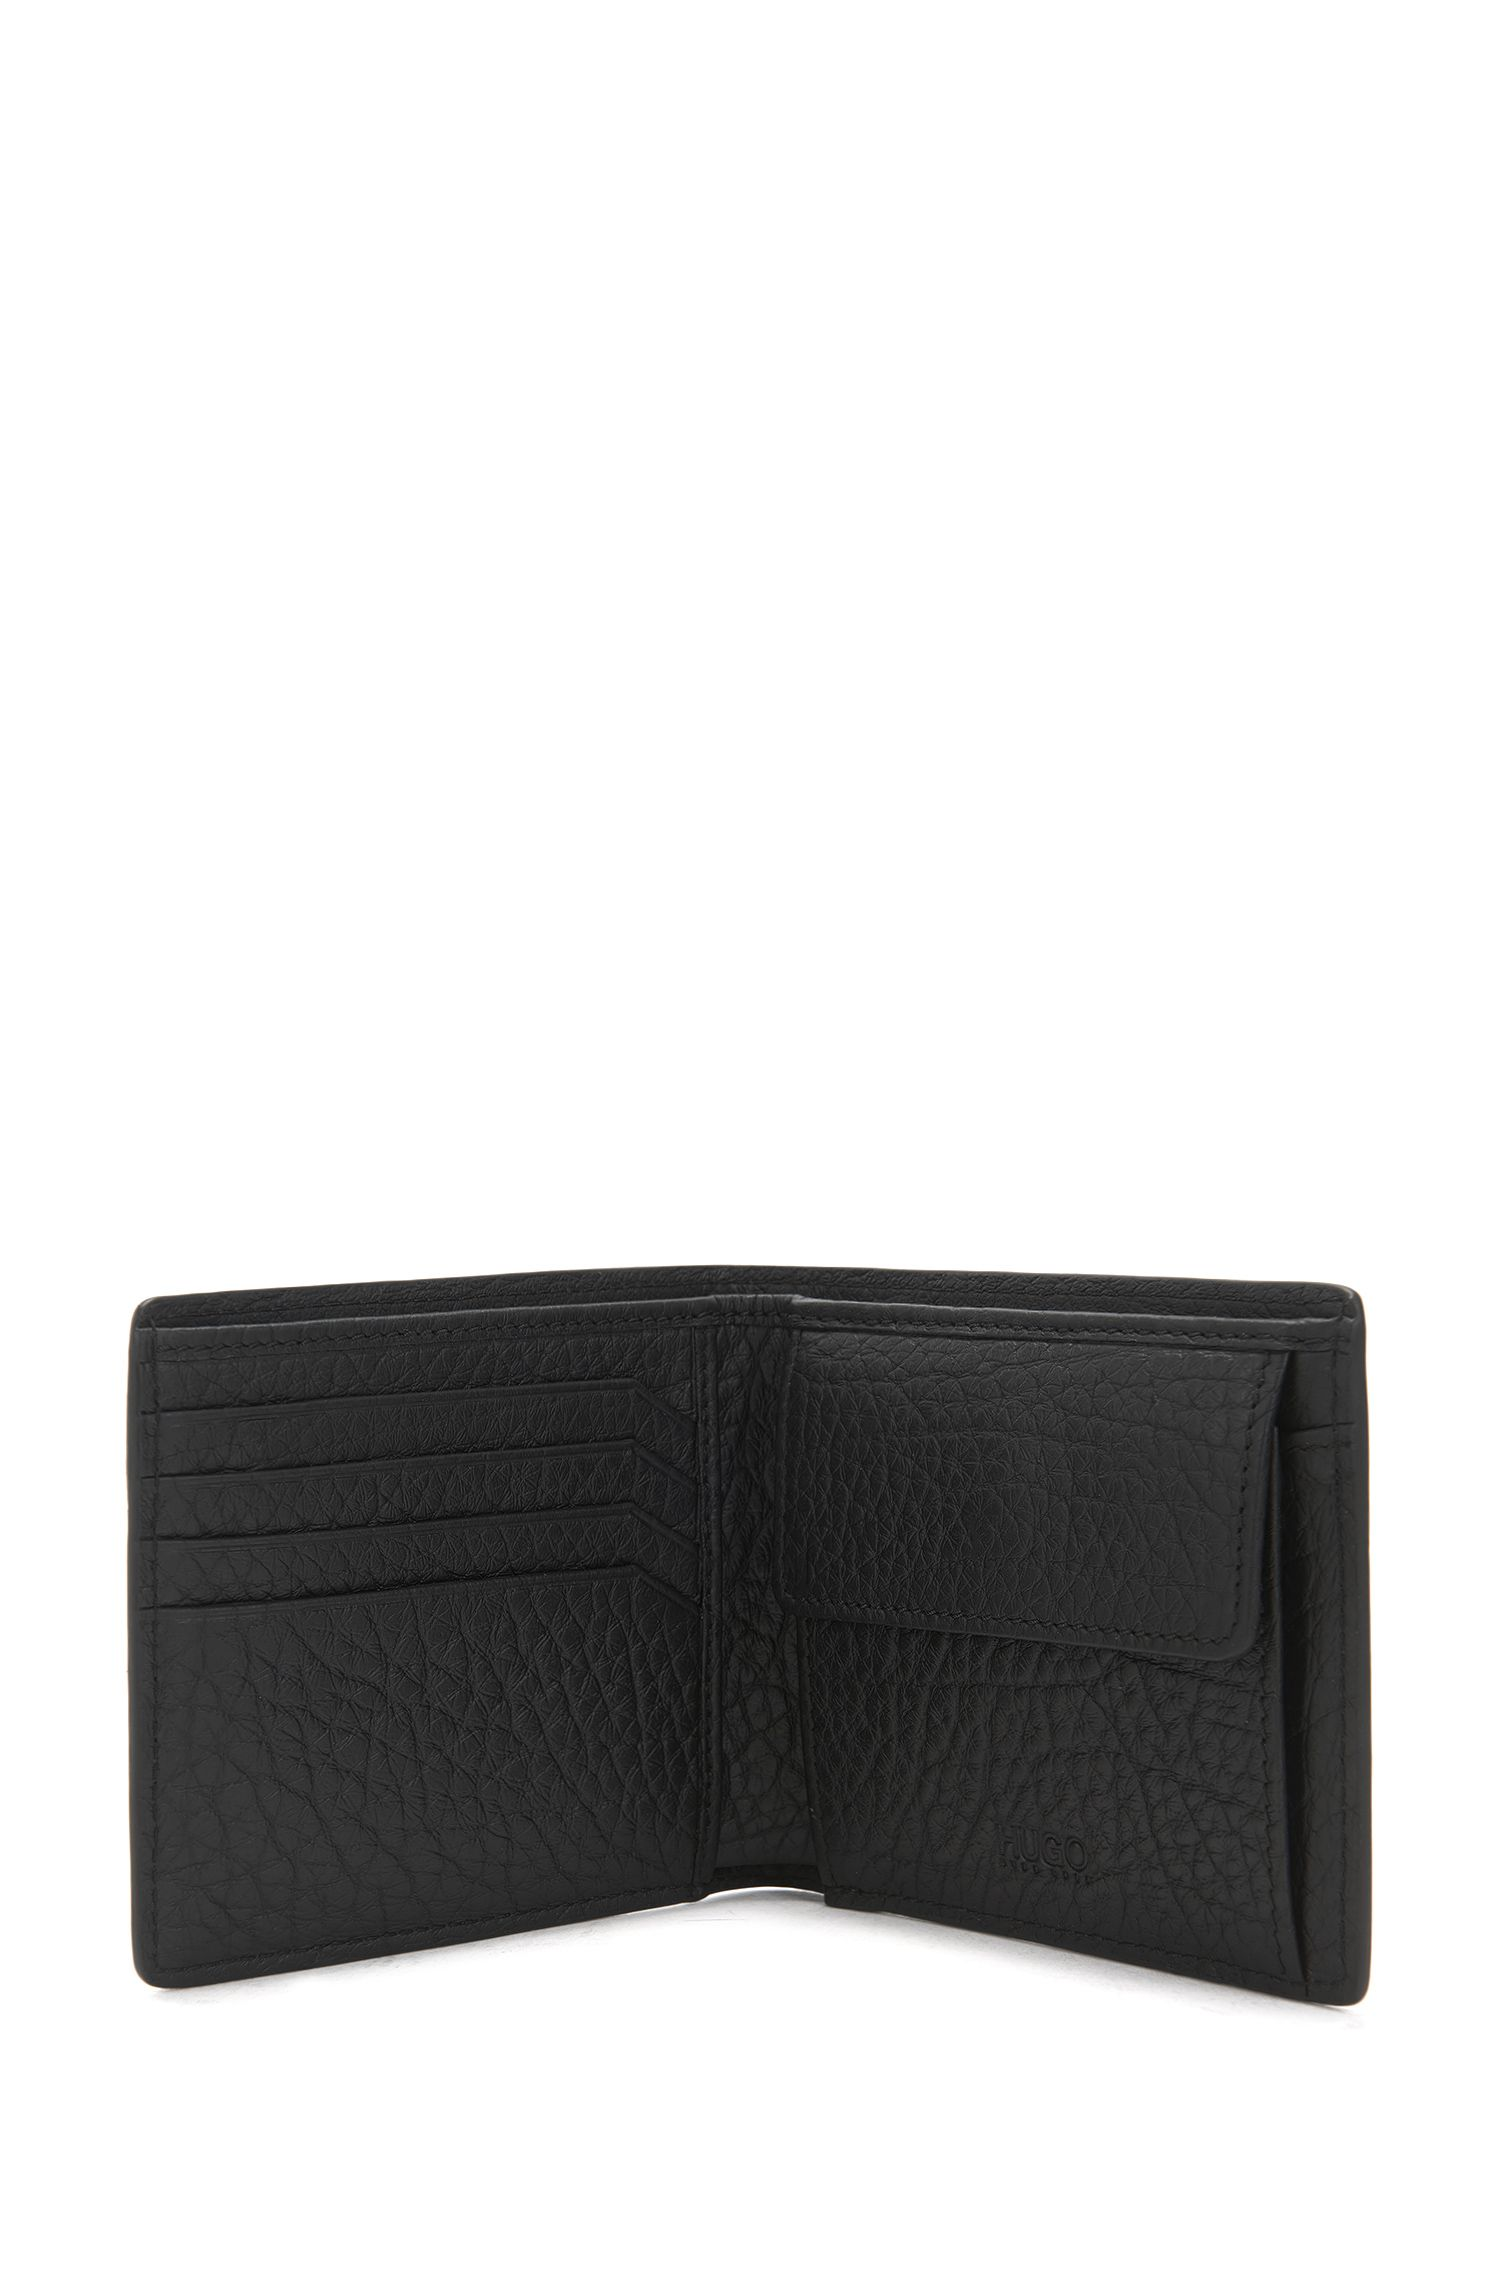 Openklapbare portemonnee met muntvakje van generfd rundleer met gespiegeld logo